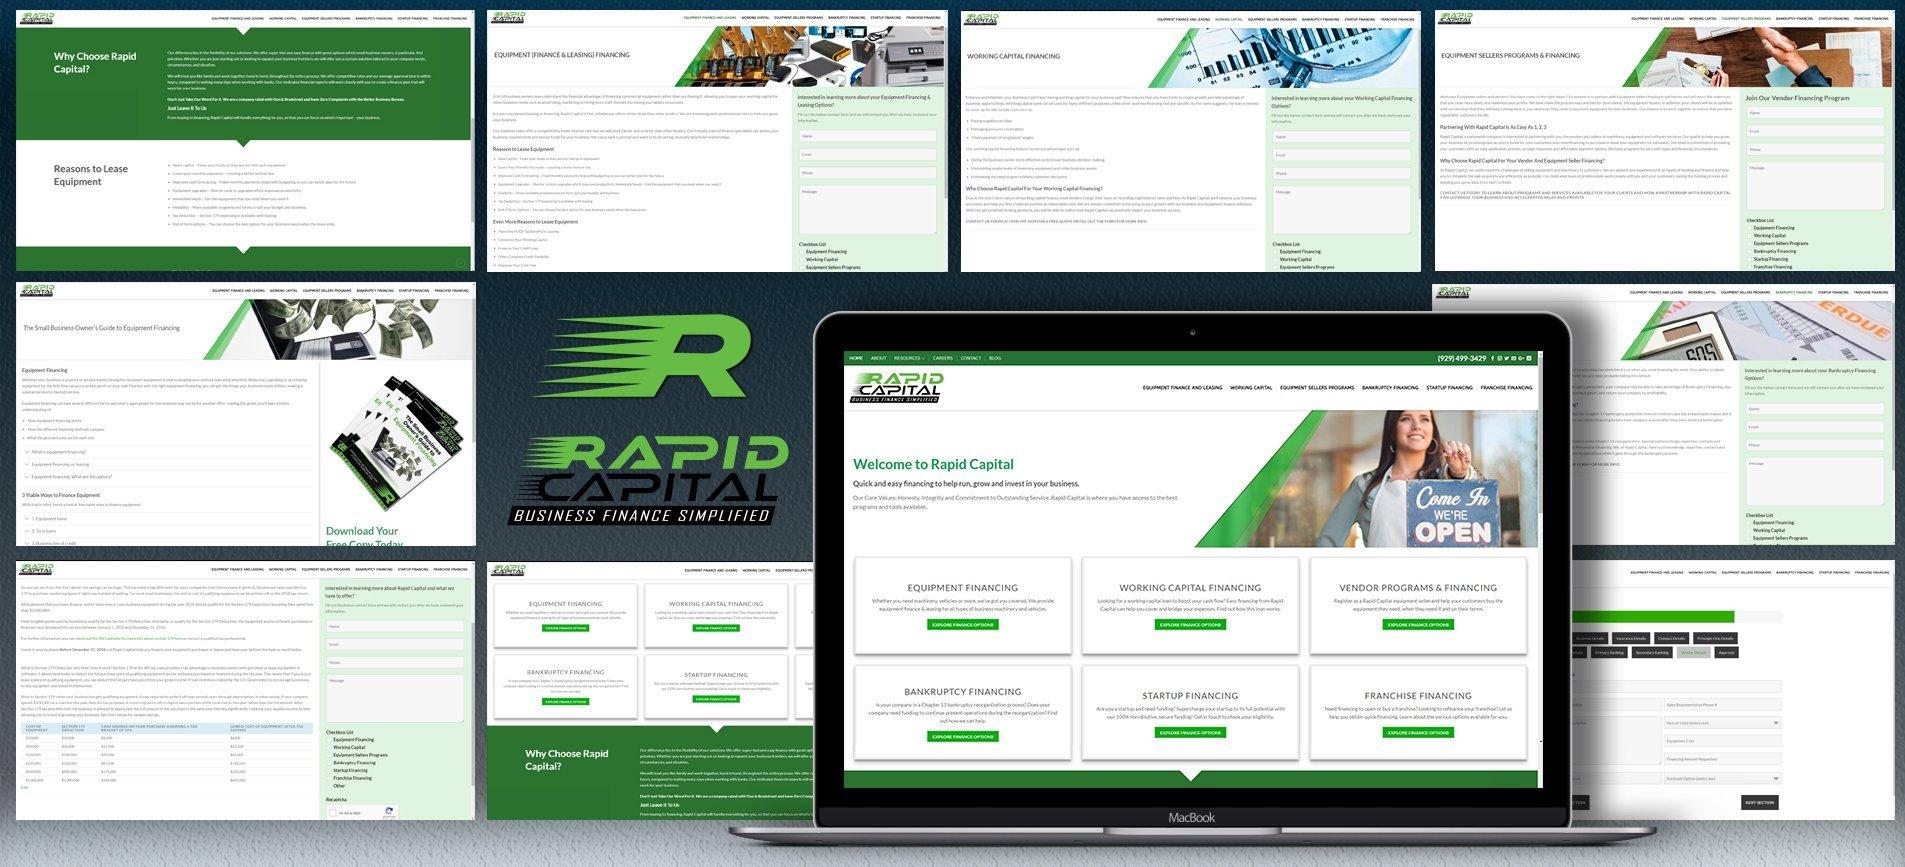 Rapid cpaital Website